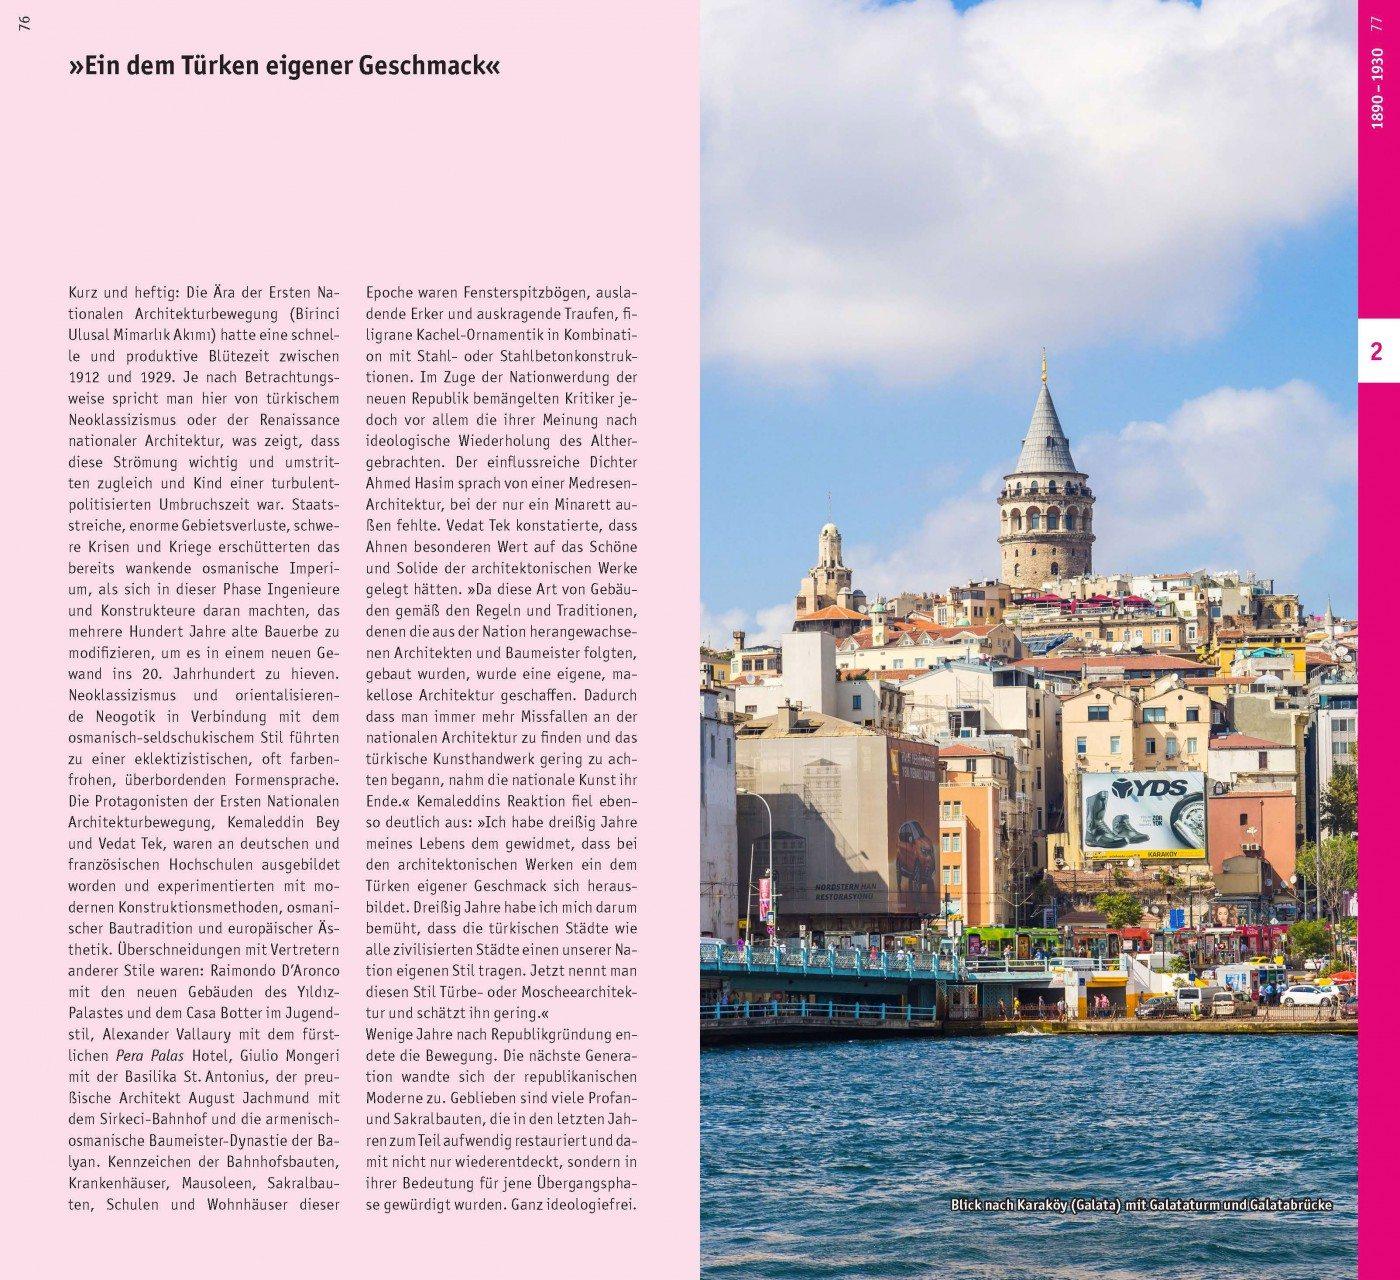 Die Aussicht. Der Galata-Turm